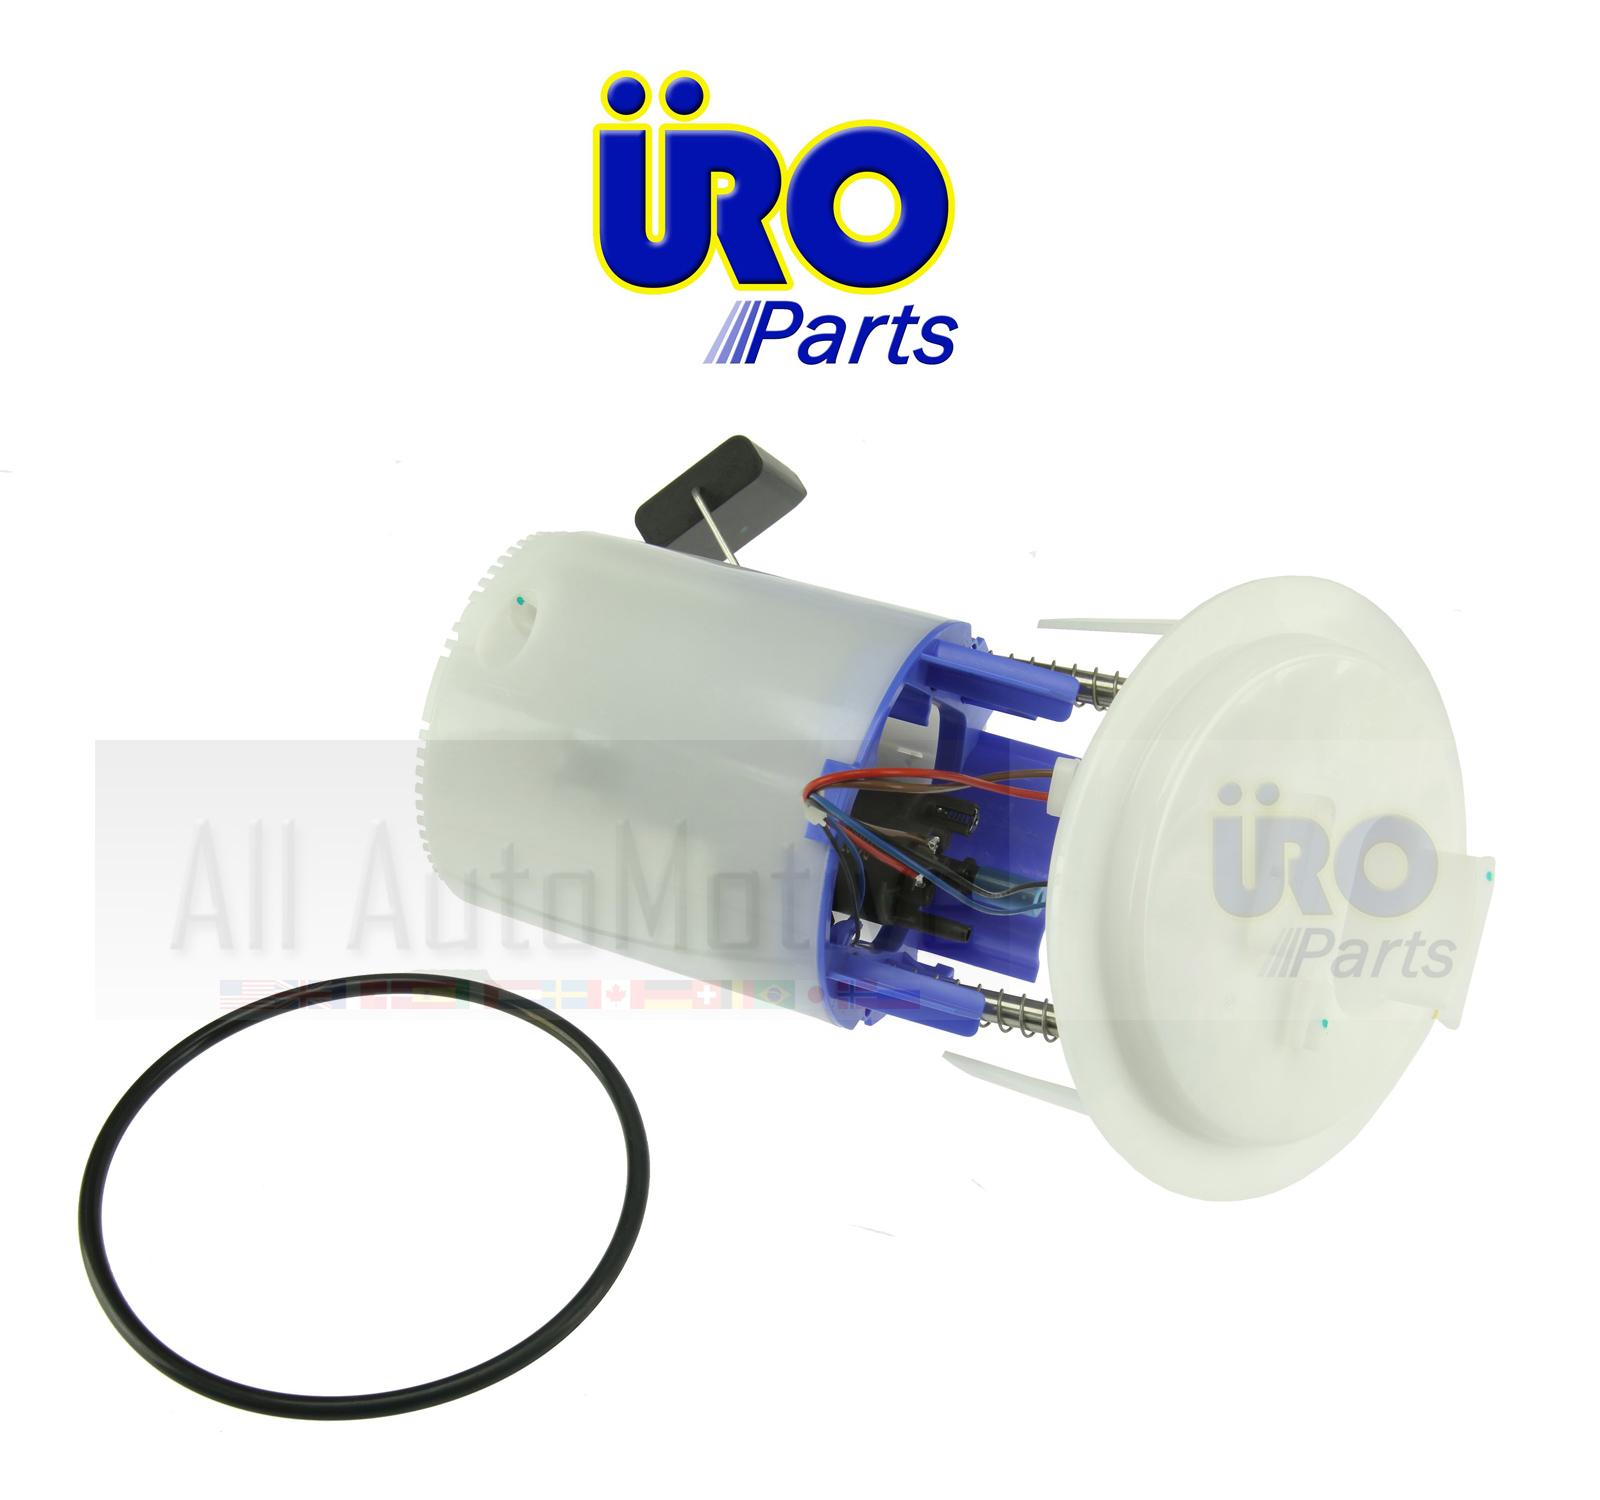 Fuel Sender-Filter Assembly H385ZD for C300 C230 C250 GLK350 C350 E350 CL550